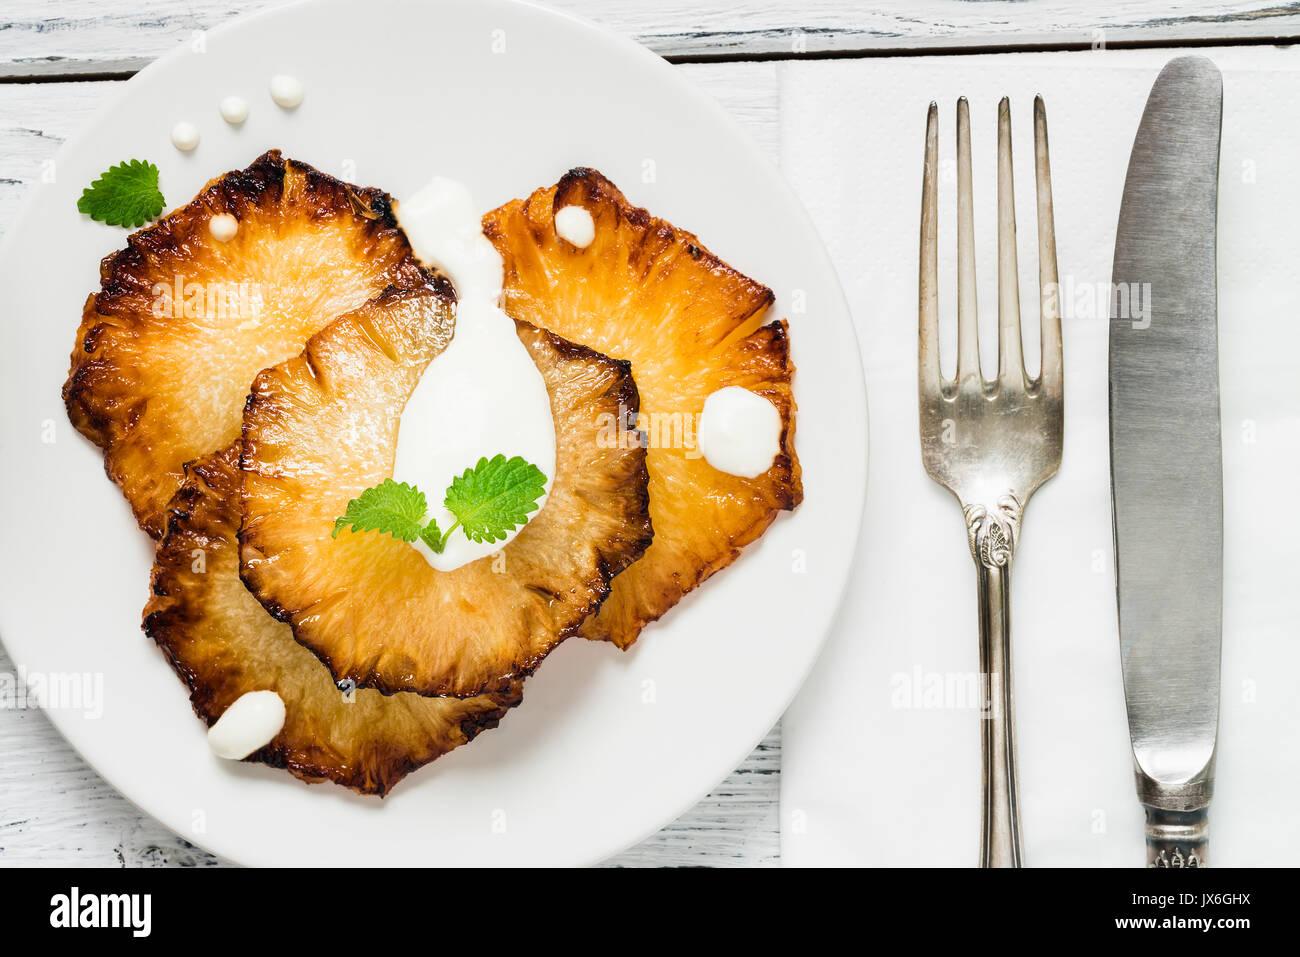 Gebratene Ananasscheiben mit Creme fraiche, Minze in Weiß Platte auf Holz- Hintergrund. Ansicht von oben Stockfoto